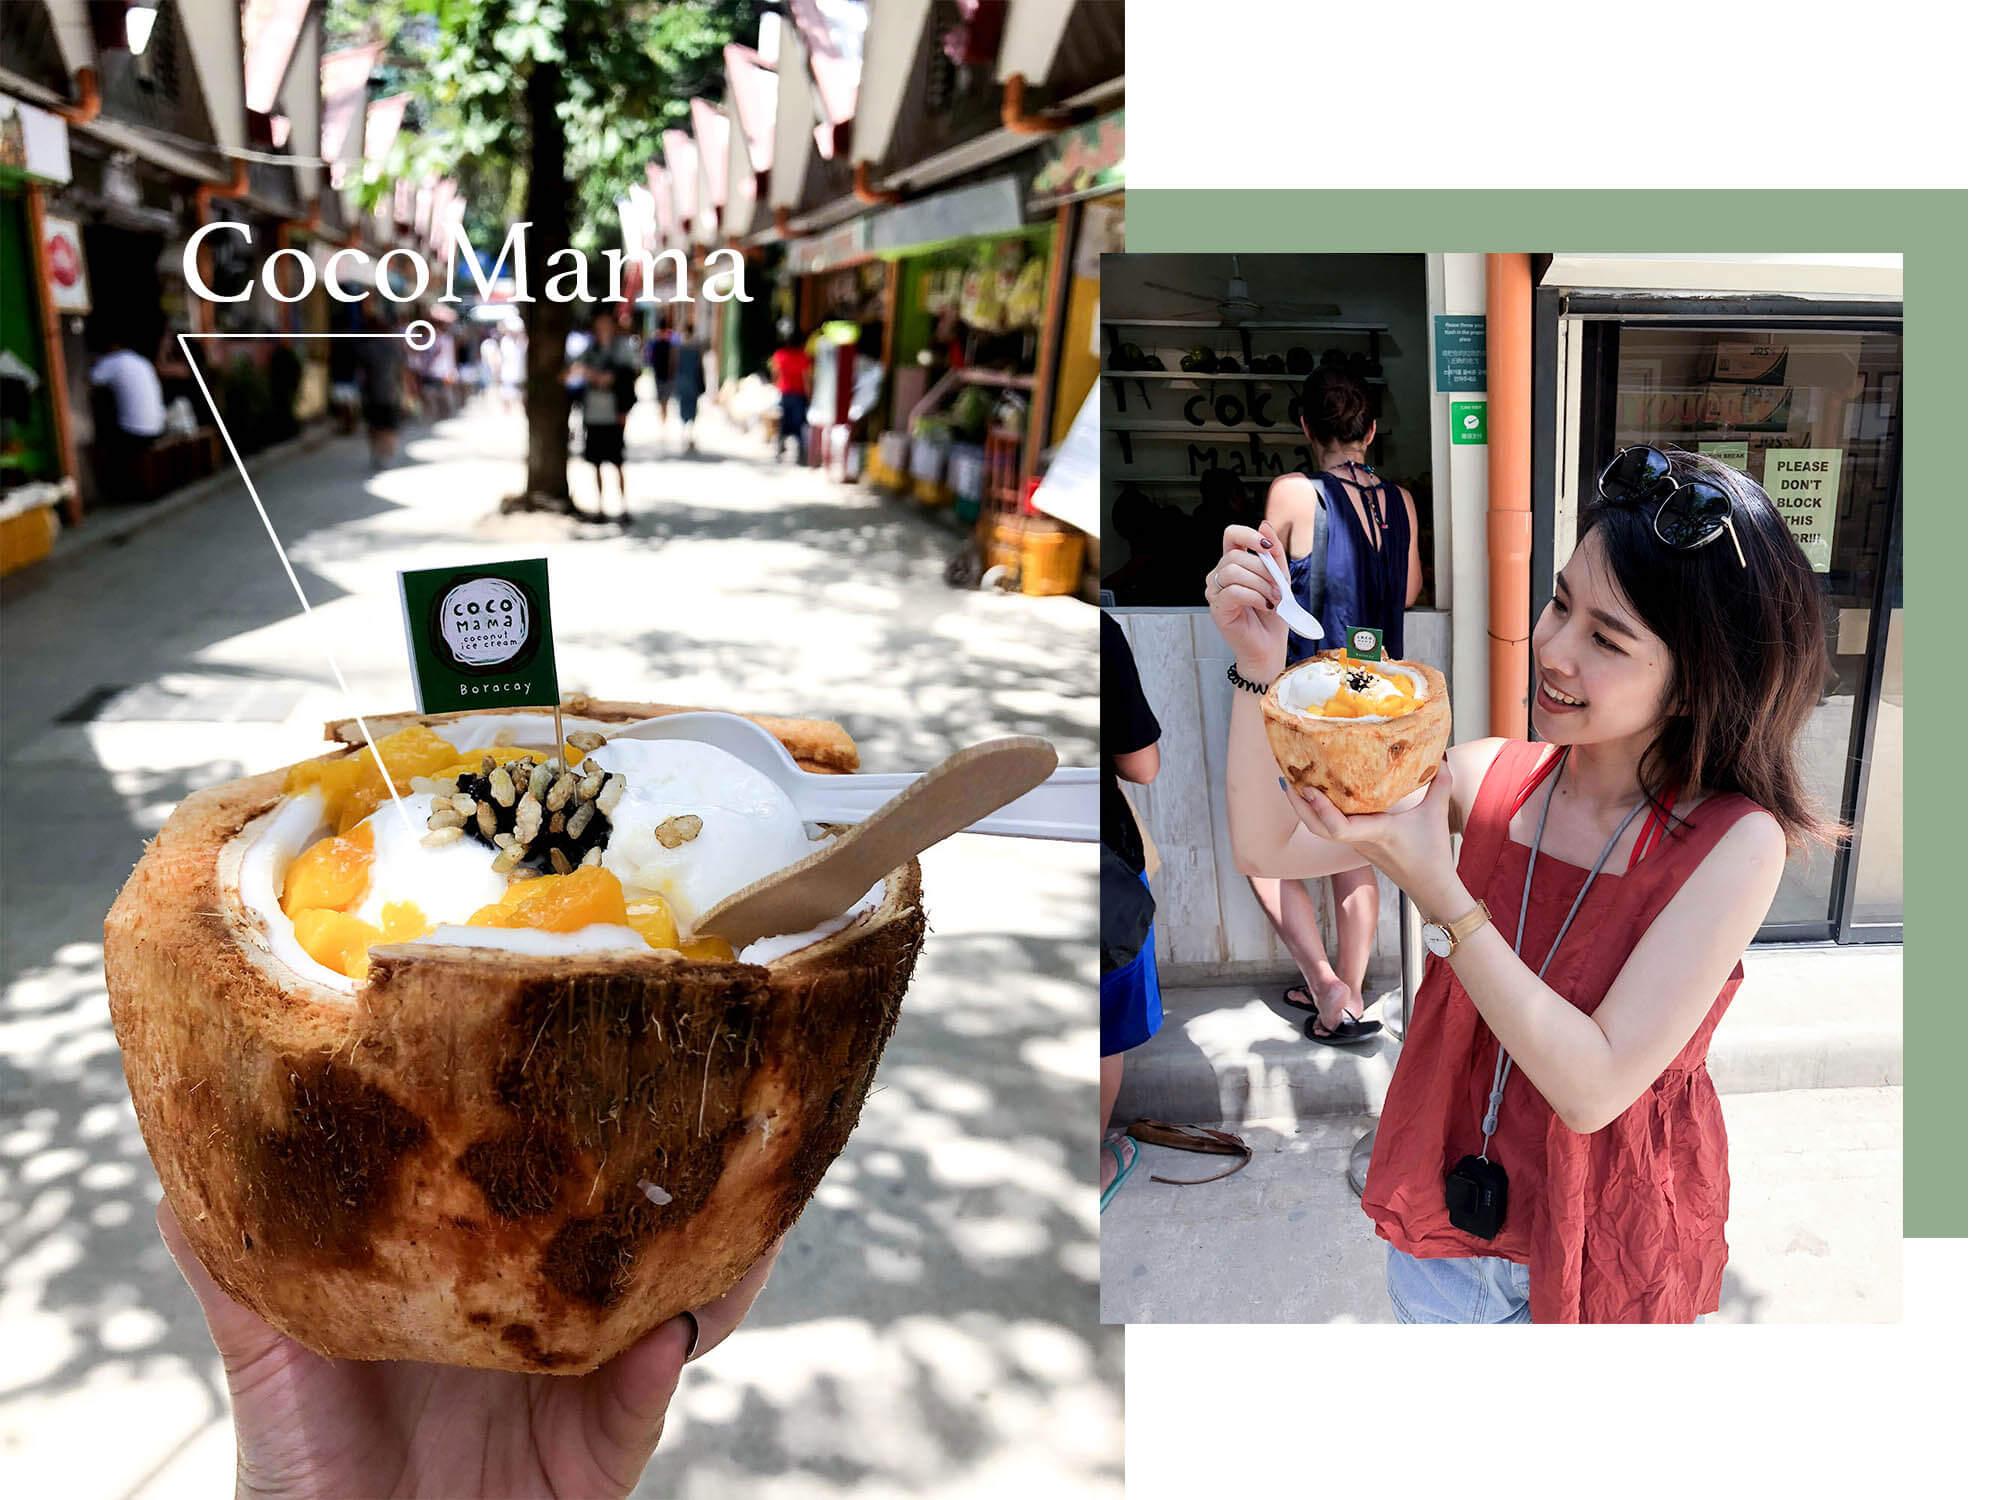 cocomama椰子冰淇淋長灘島封面